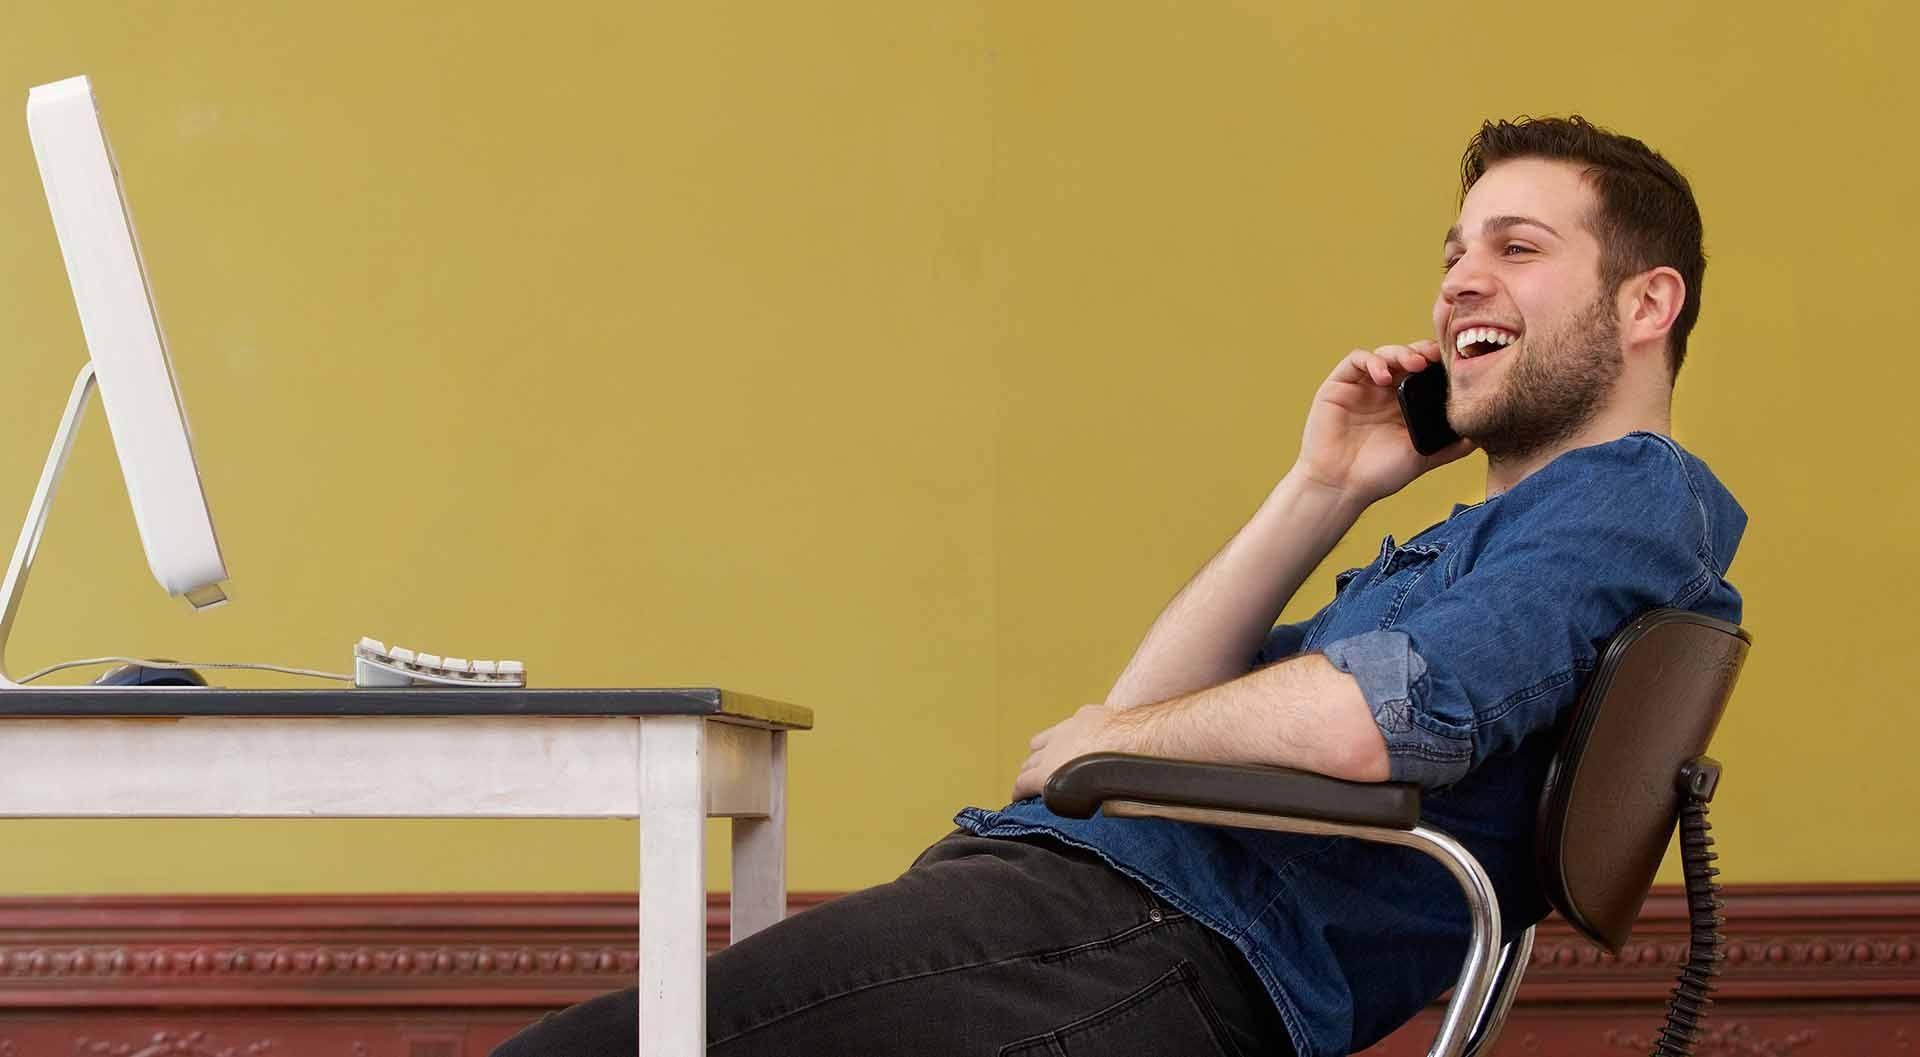 werkstudent-externe-unternehmenskommunikation